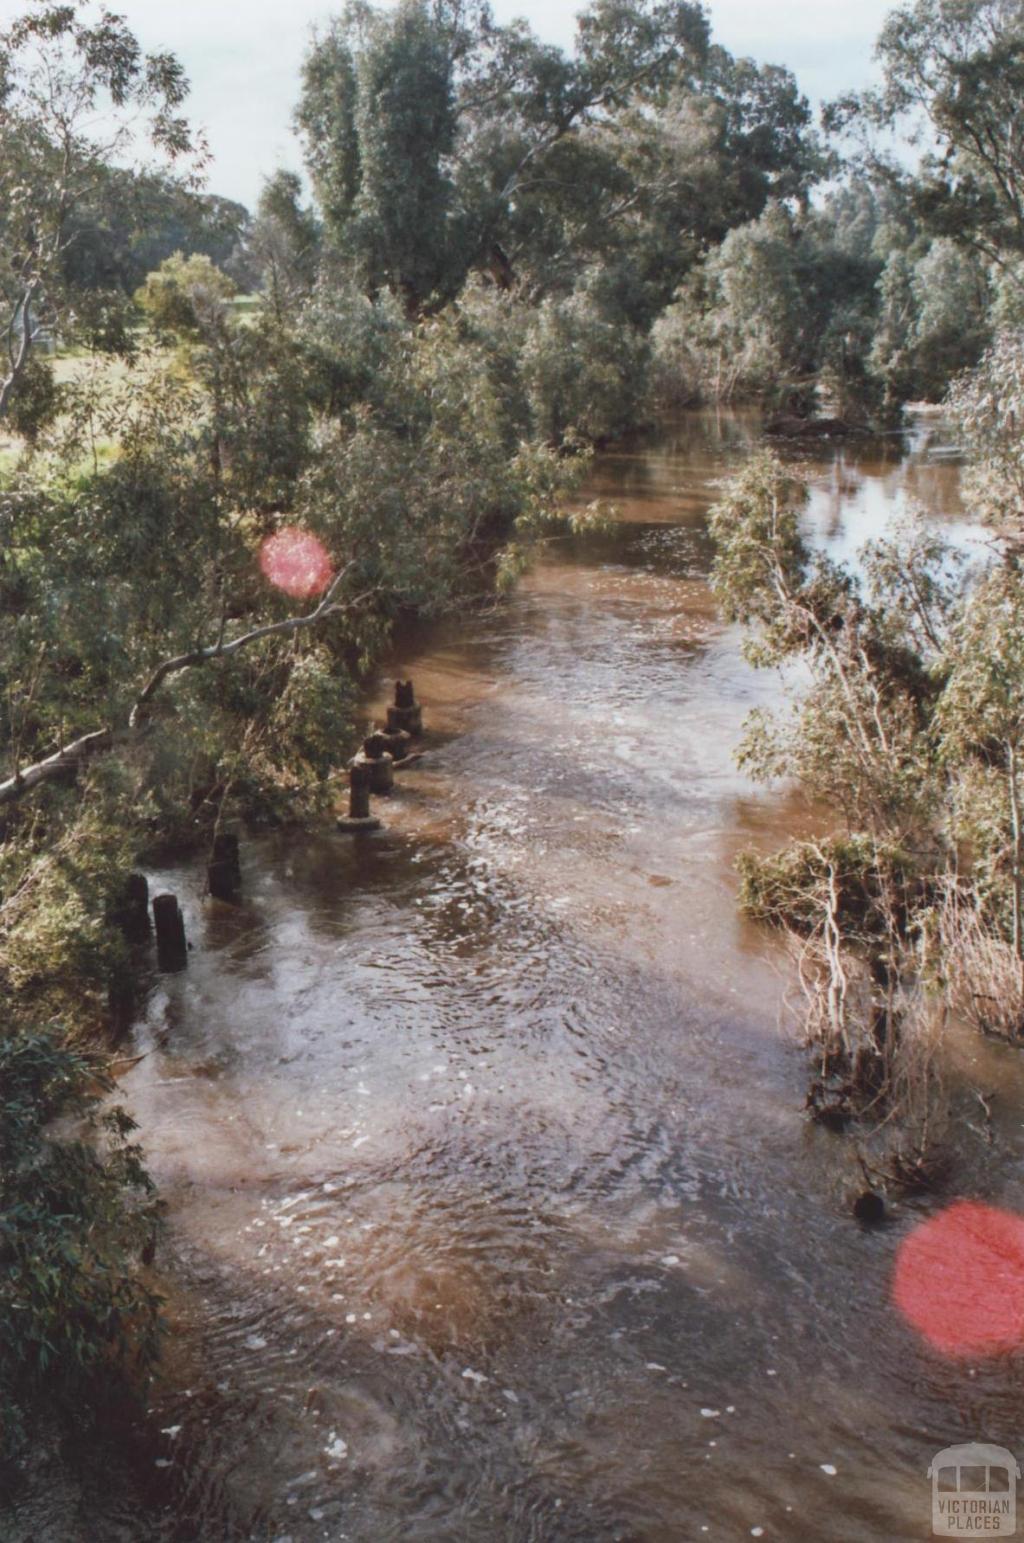 Loddon River, Newstead, 2010